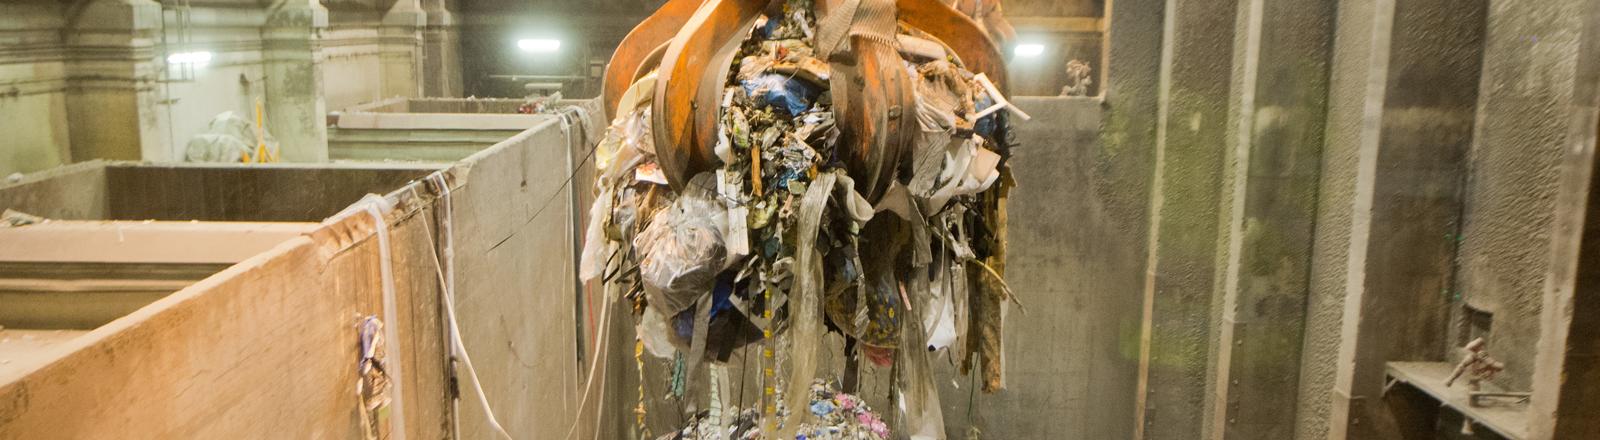 Greifarm mit Müll